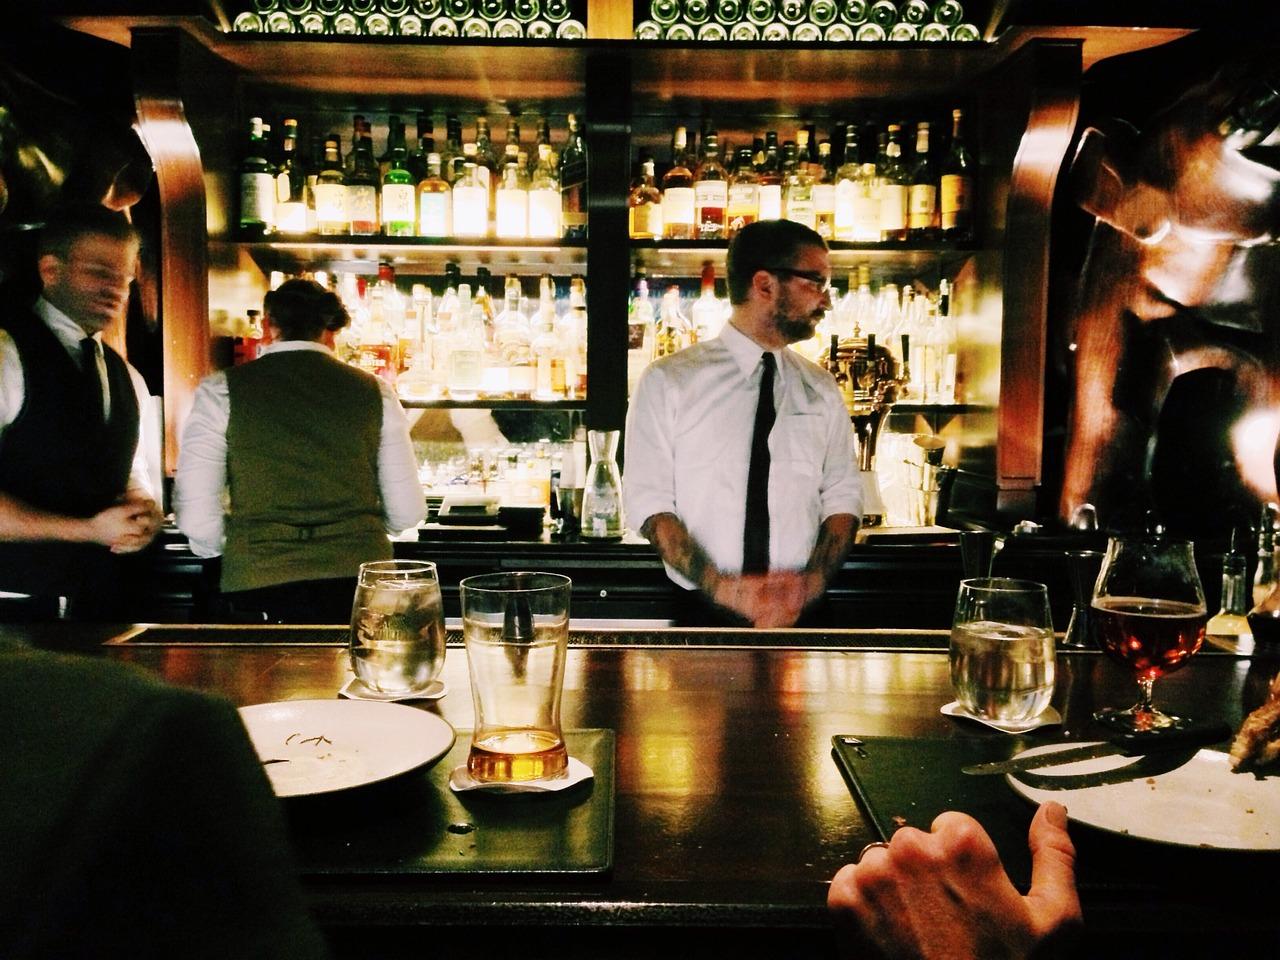 バーで食事とお酒を楽しむ様子